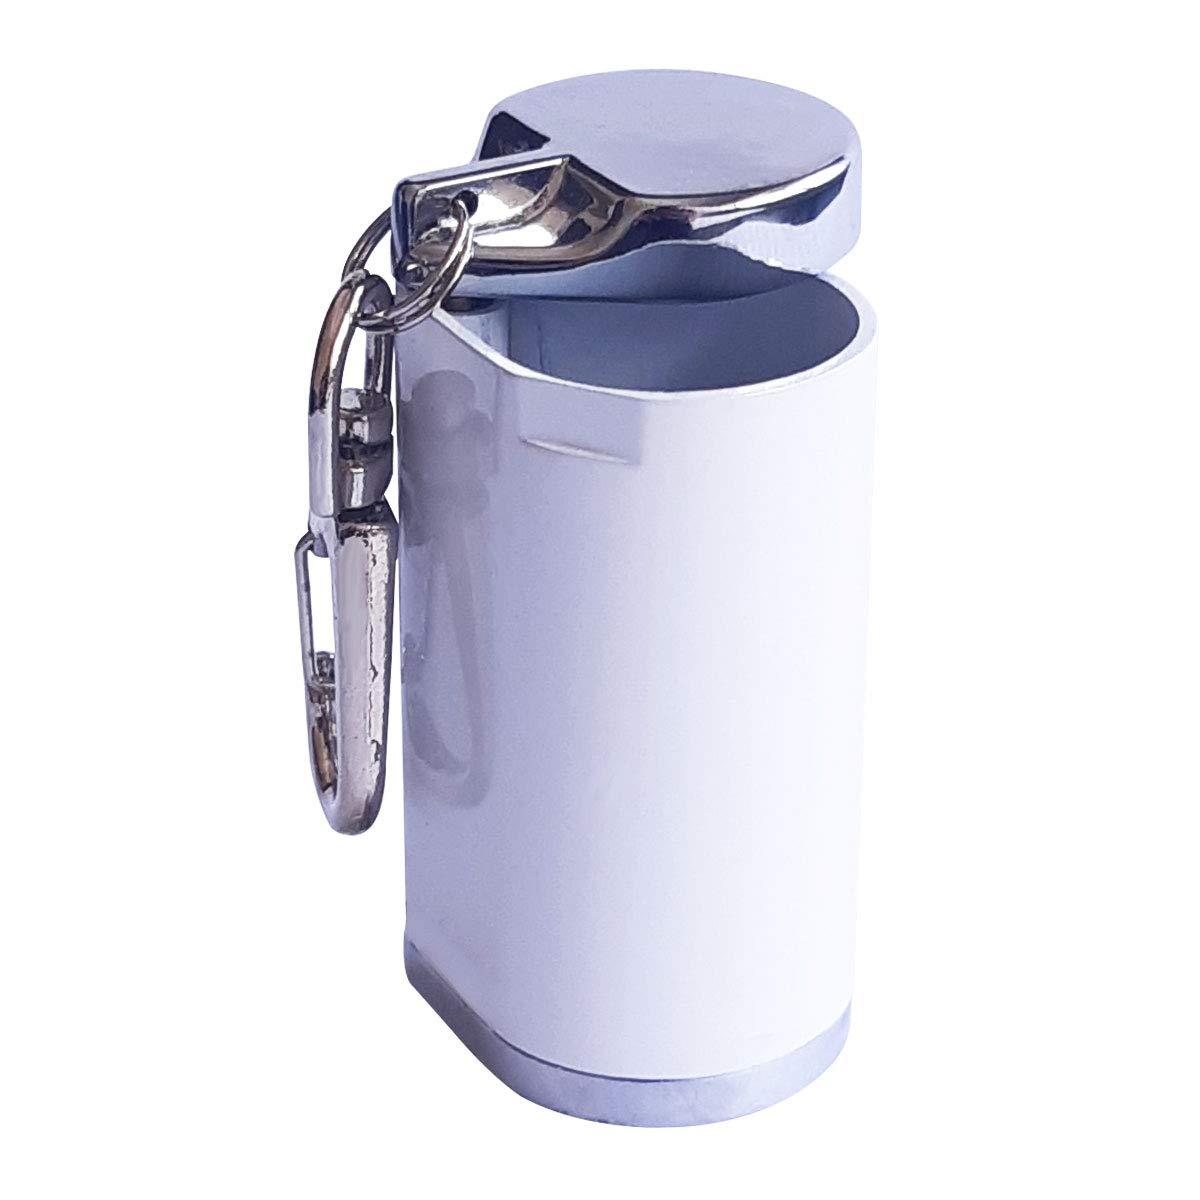 Cendrier de Poche Anti Odeur Aluminium Blanc laqu/é avec Mousqueton